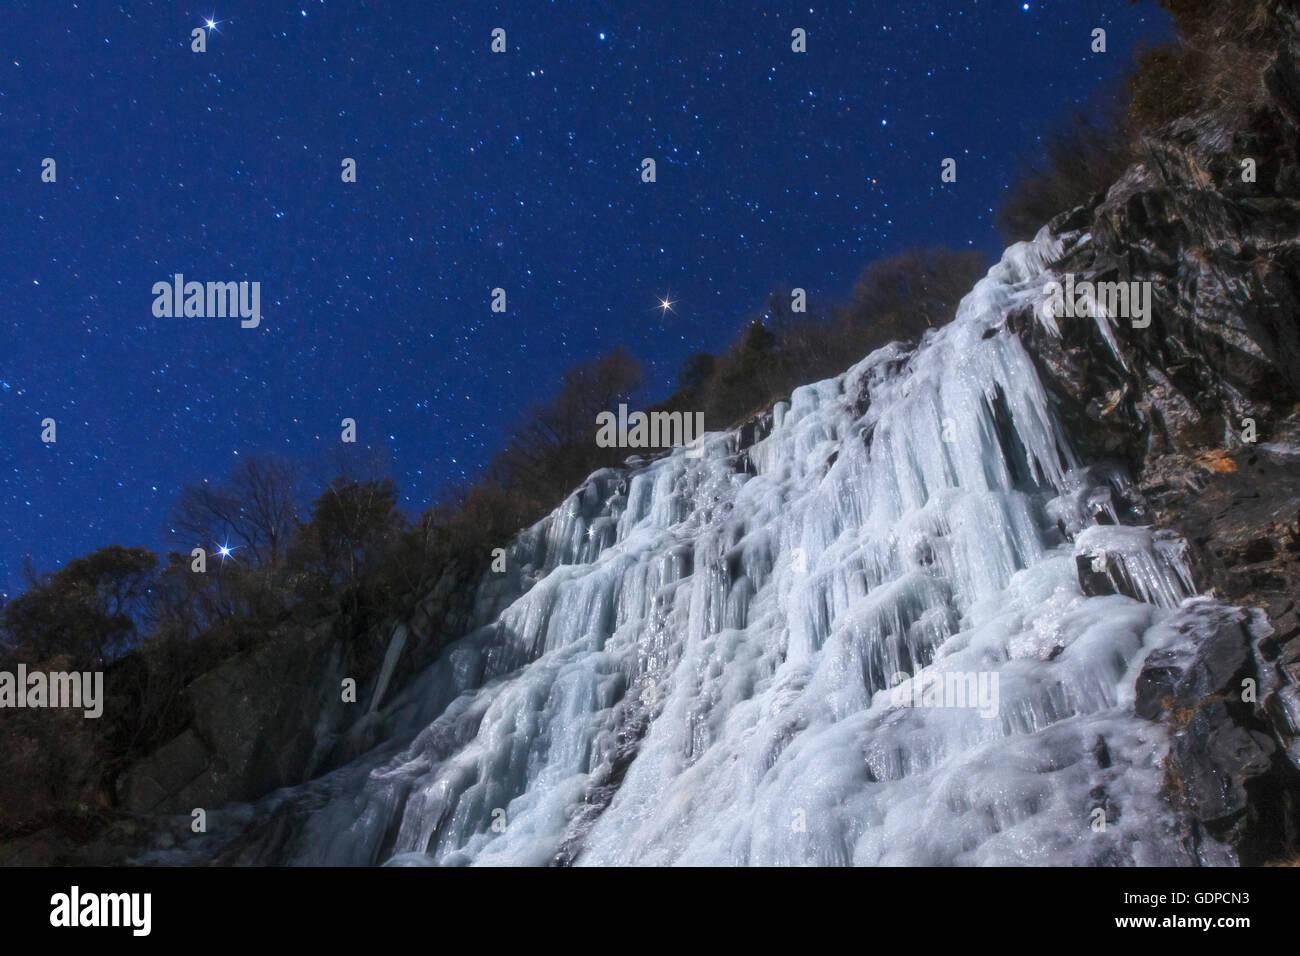 Sterne des Dreiecks Winter Leuchten über eine Eisbruch in einer mondhellen Nacht in der chinesischen Provinz Stockbild